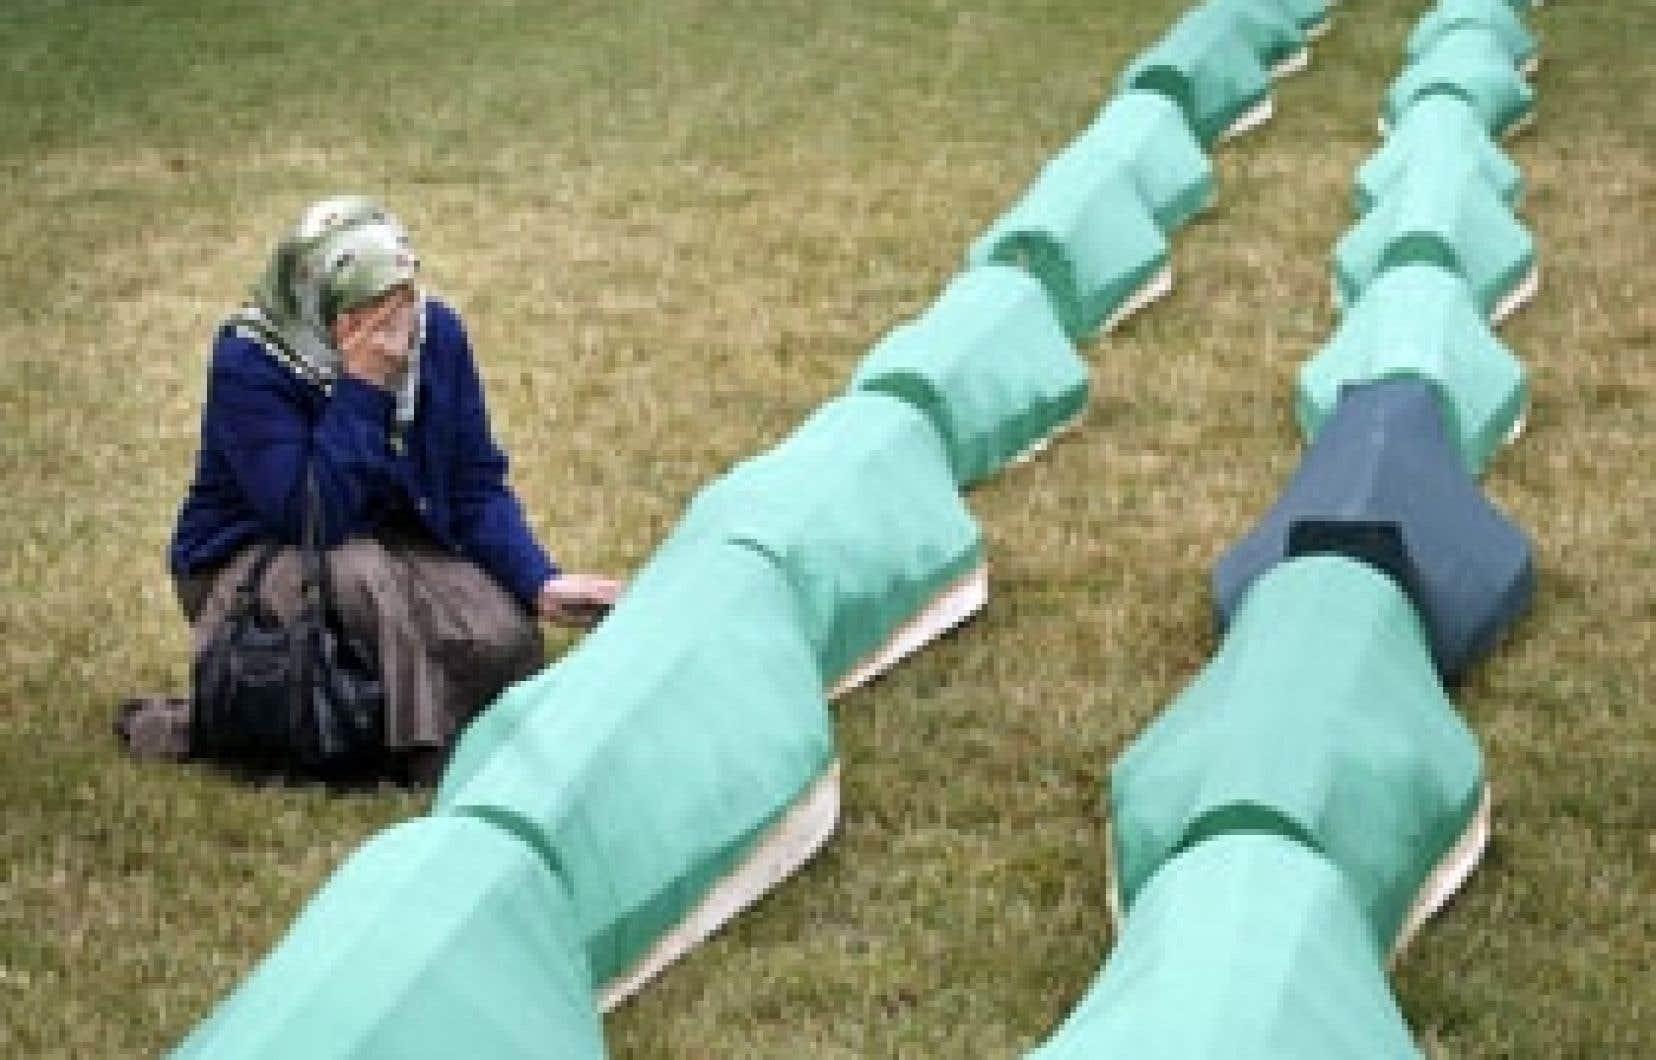 Une musulmane bosniaque priait cette semaine près de la tombe d'un proche, après une messe commémorative célébrée pour des victimes de la guerre en Bosnie.